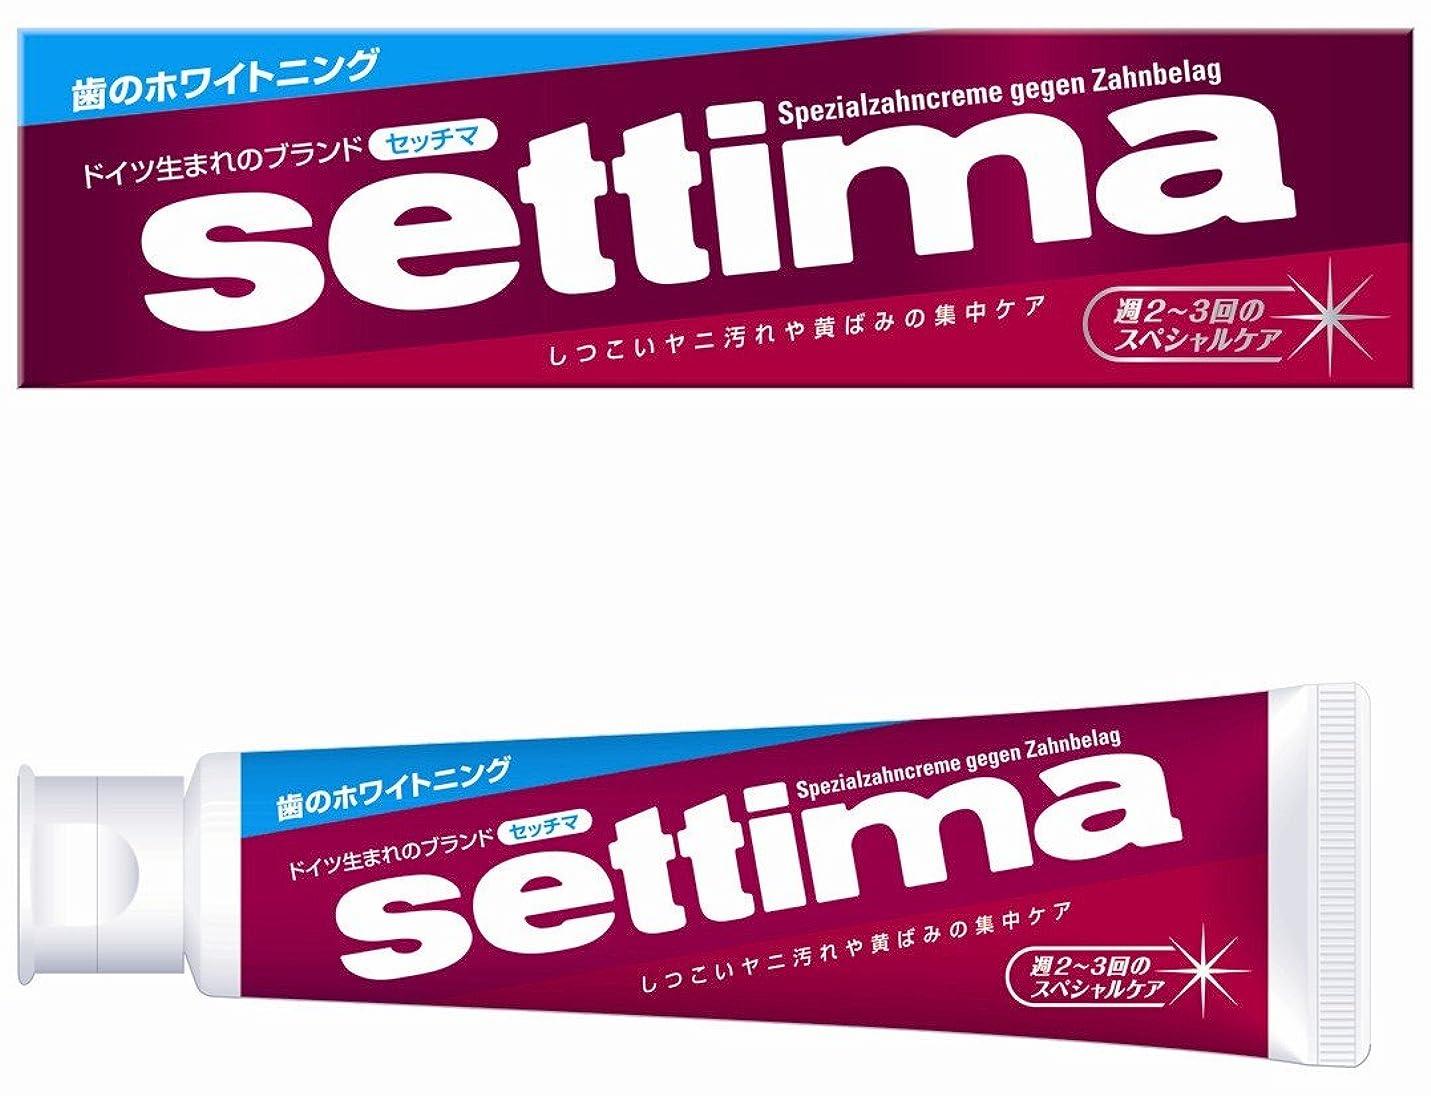 放つ極小謙虚settima(セッチマ) はみがき スペシャル (箱タイプ) 120g